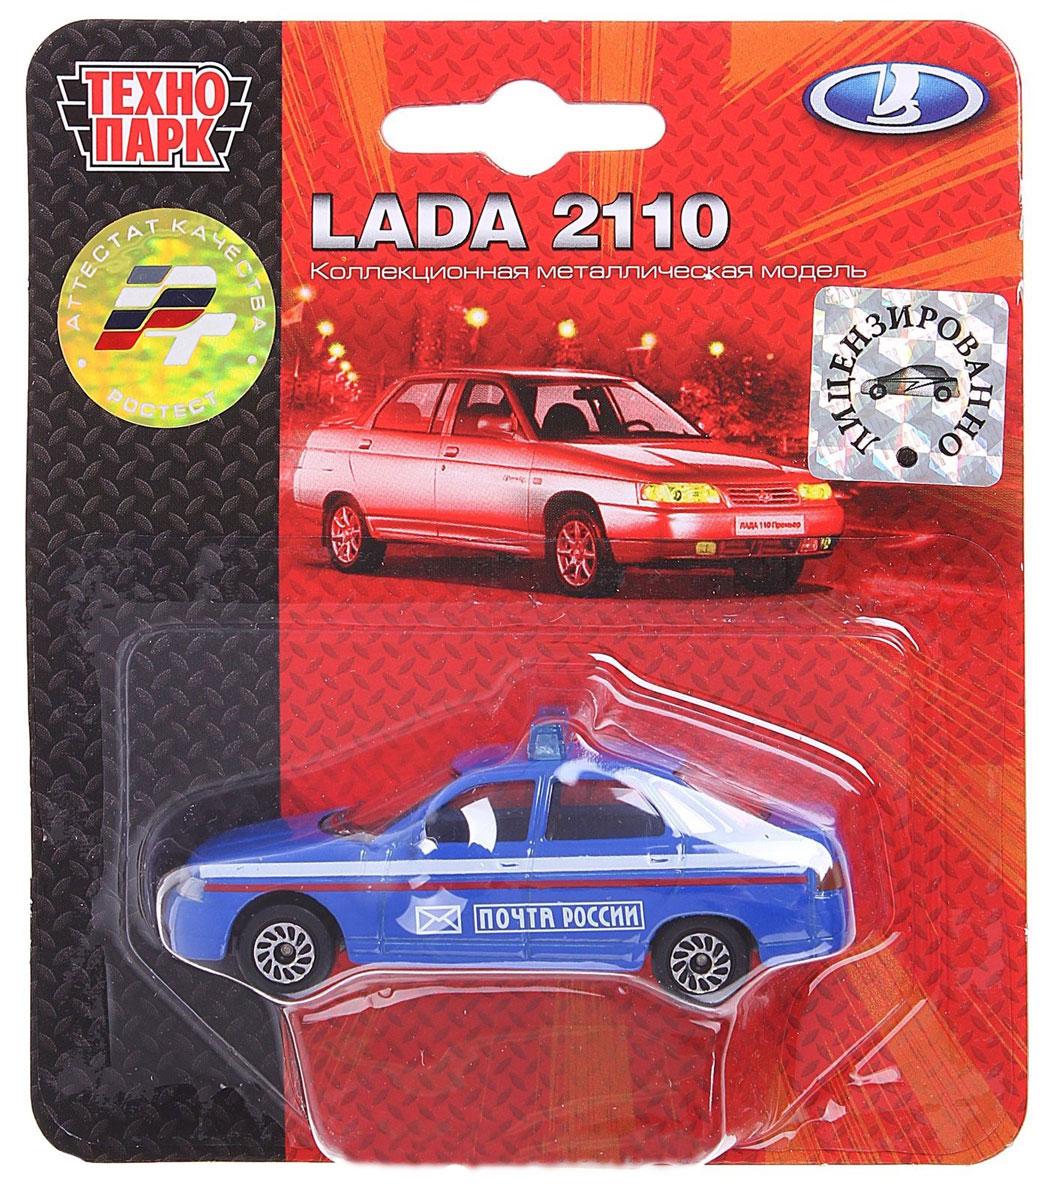 ТехноПарк Автомобиль Lada 2110 Почта России